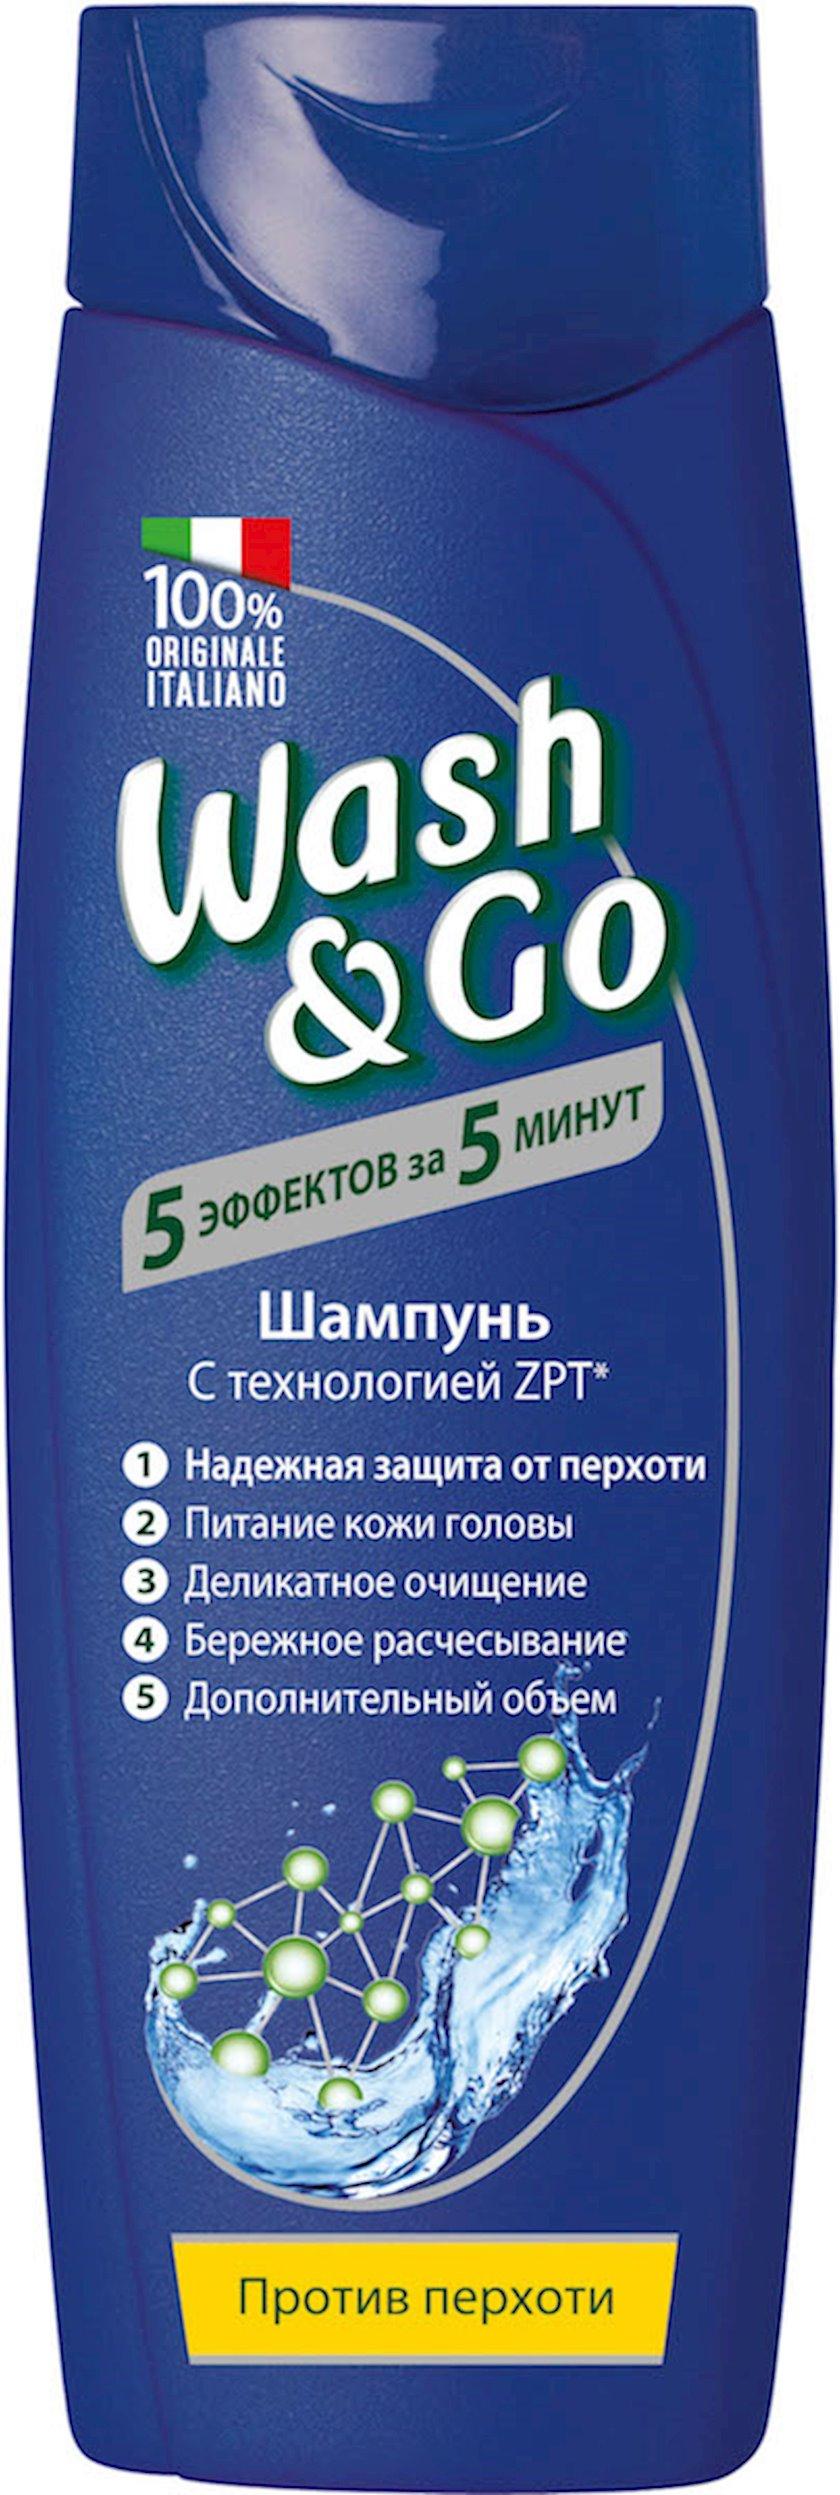 Şampun Wash&Go Antidundruff kəpəyə qarşı ZPT texnologiyası ilə 200 ml